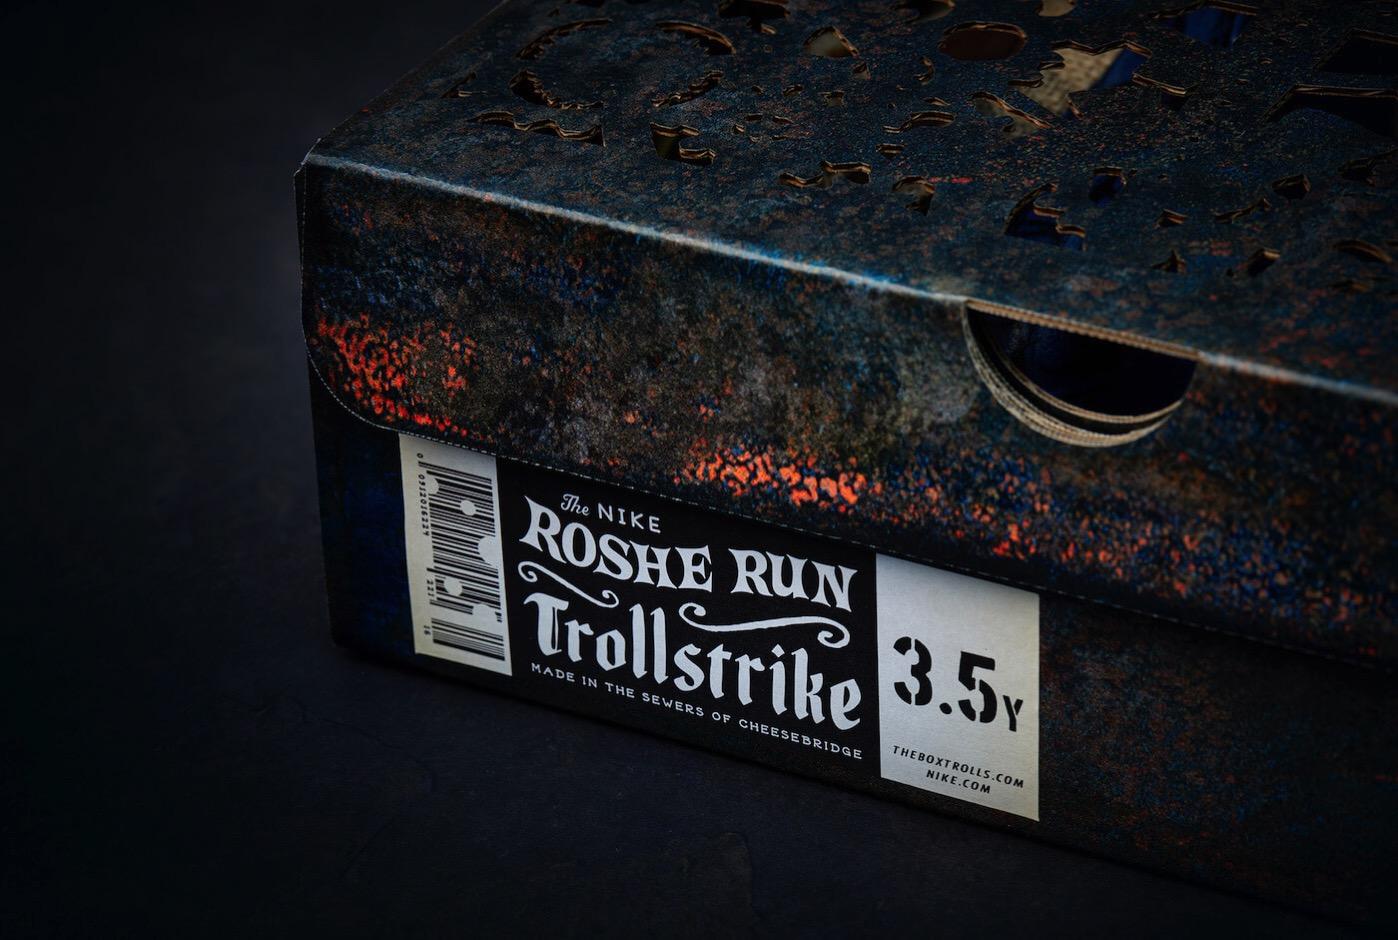 The boxtrolls nike shoe laika 3